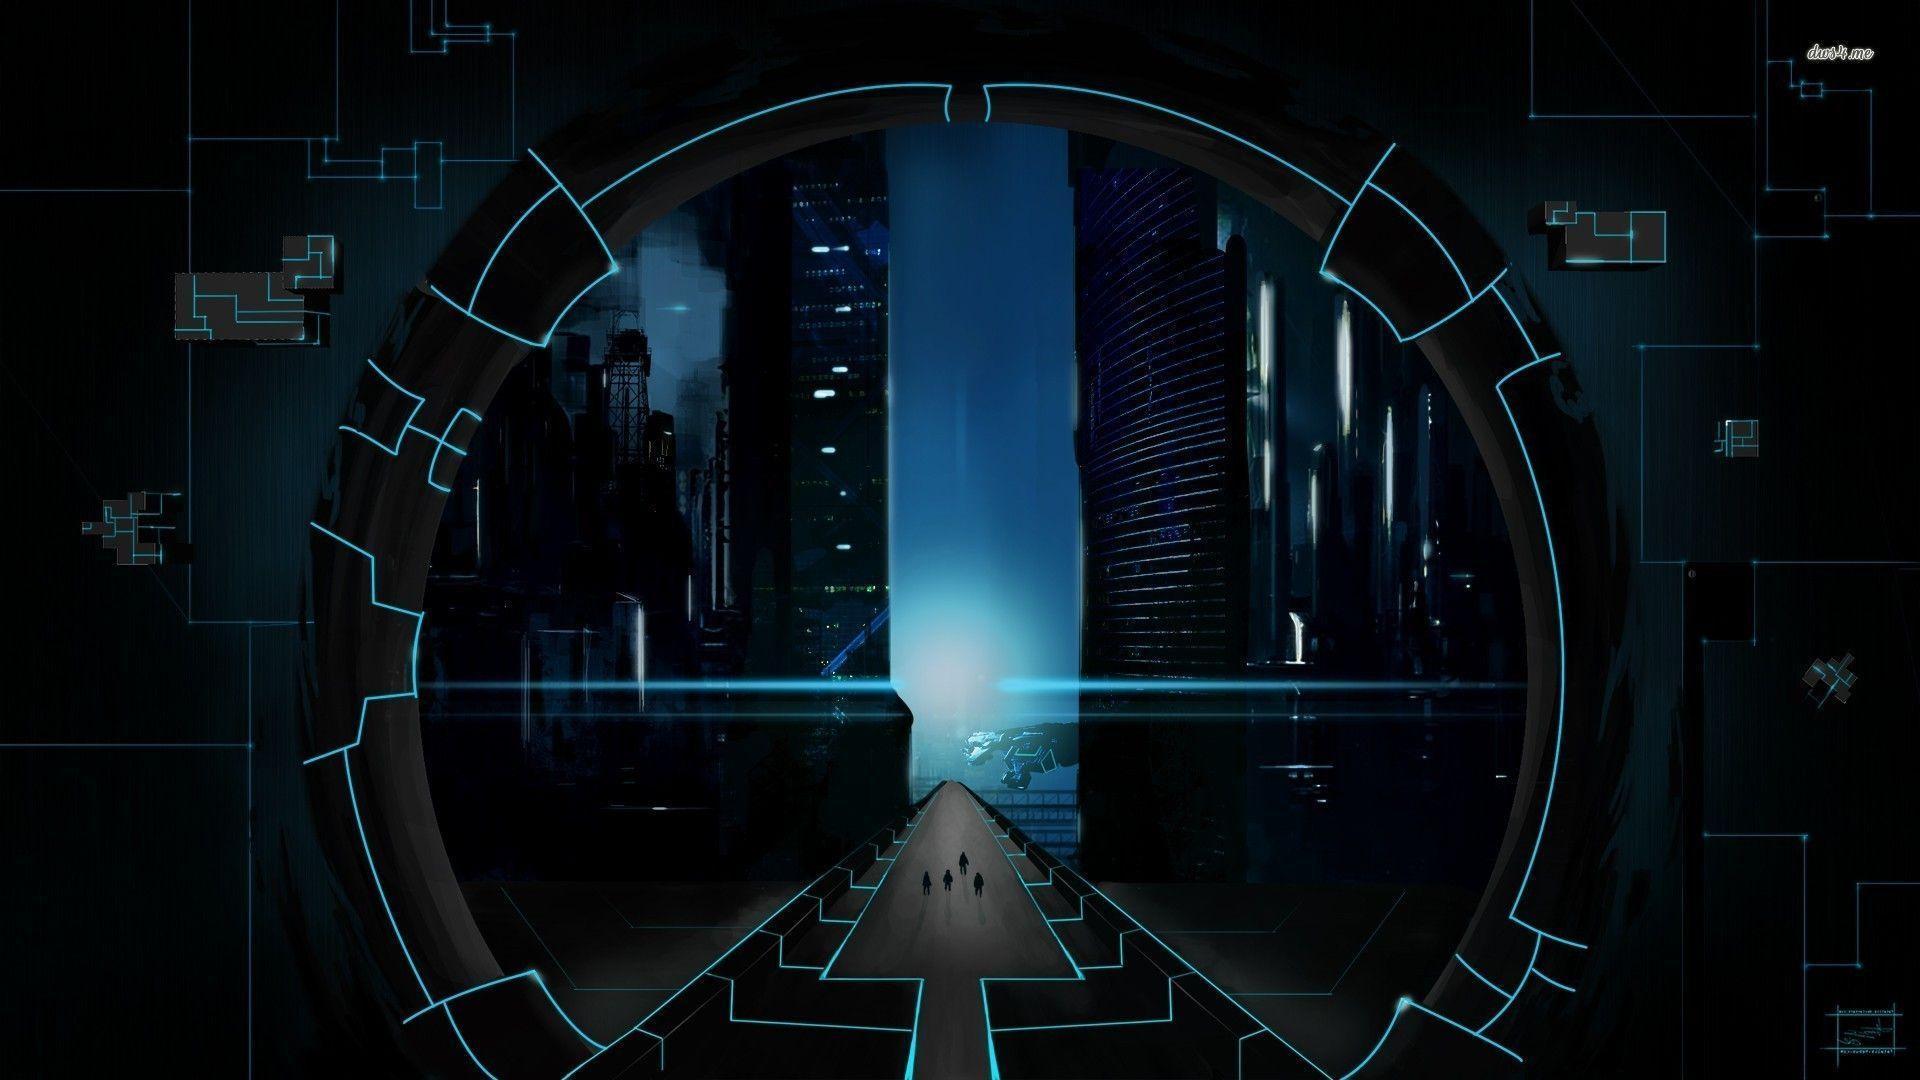 black hi tech wallpaper hd - photo #12